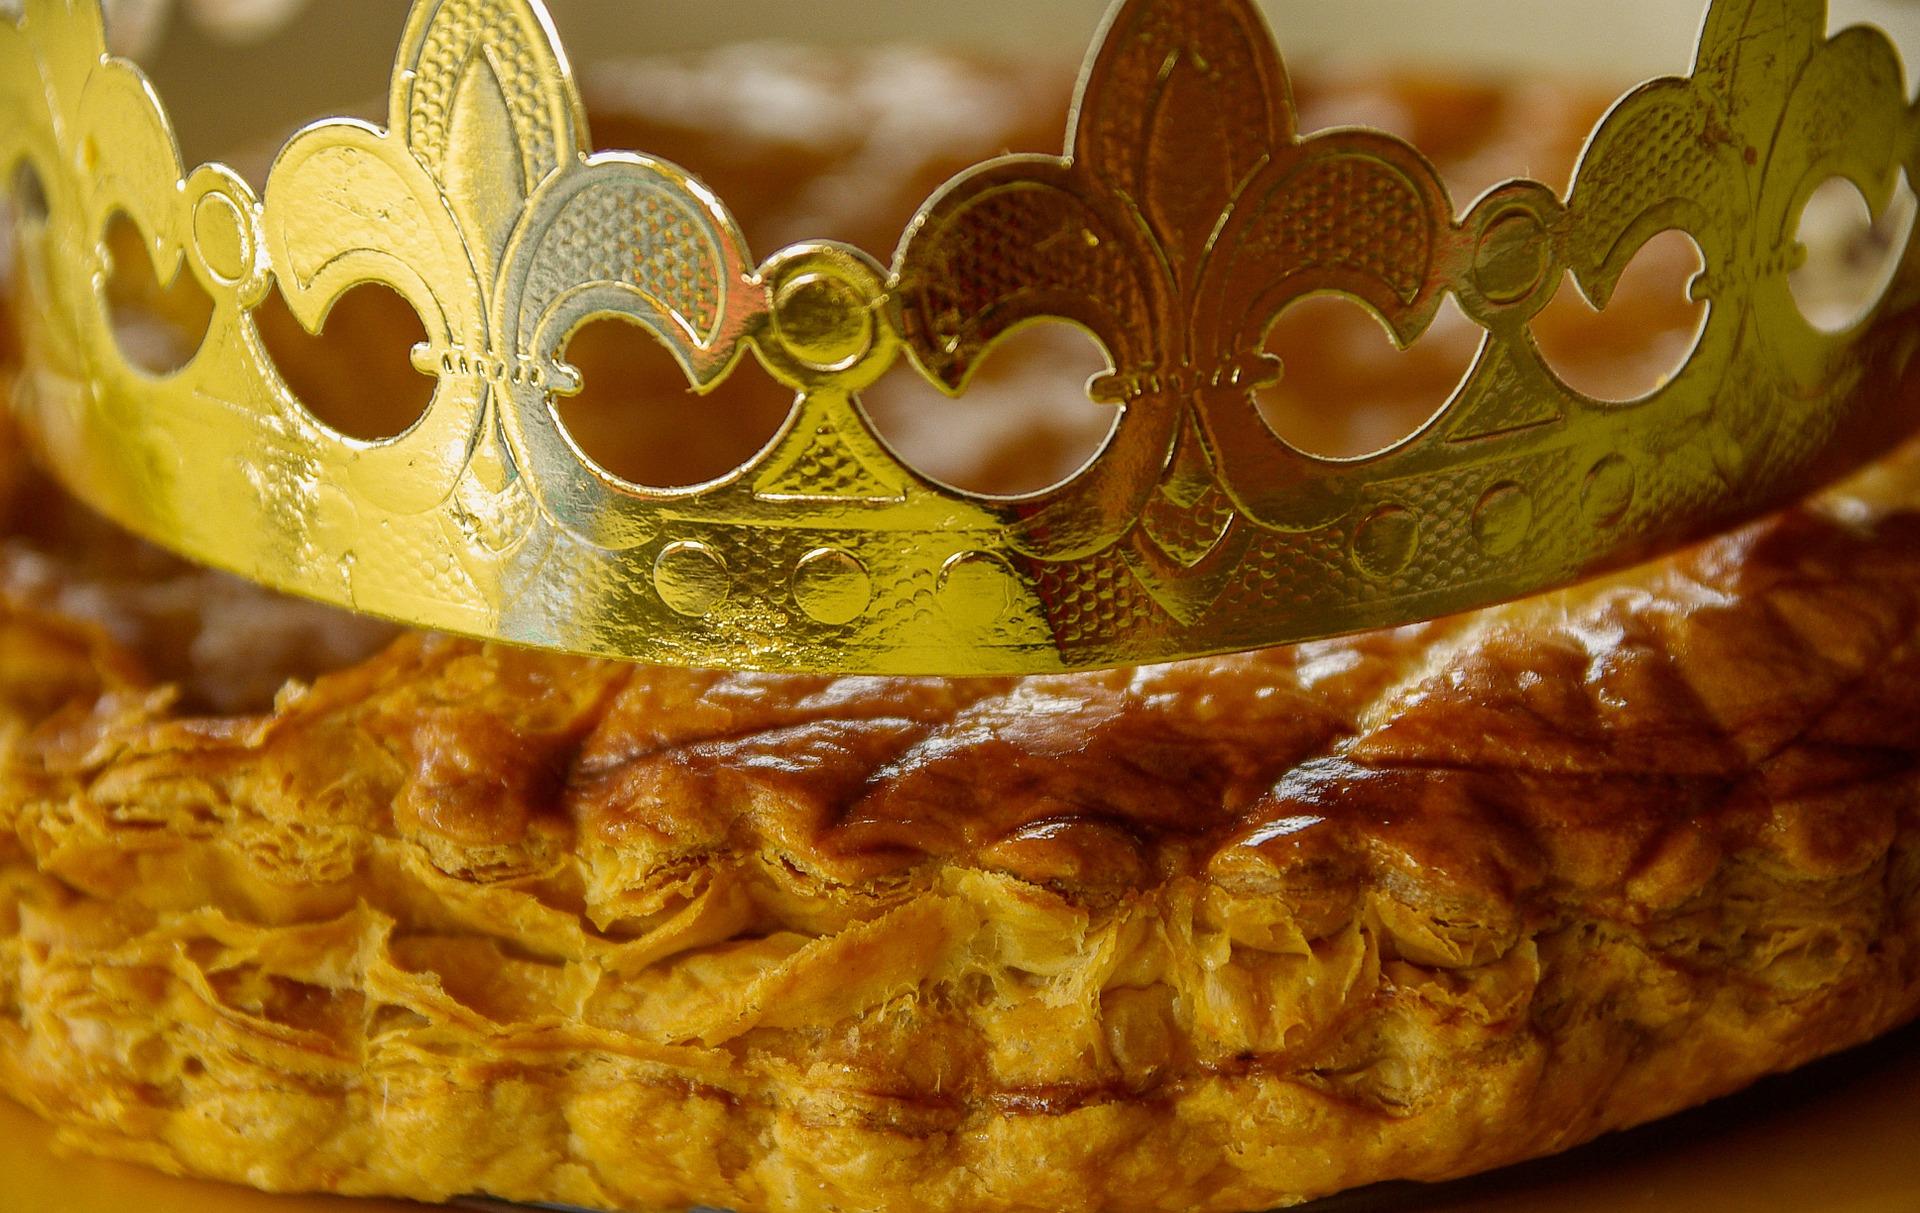 Les pâtisseries typiques de la fin d'année en France